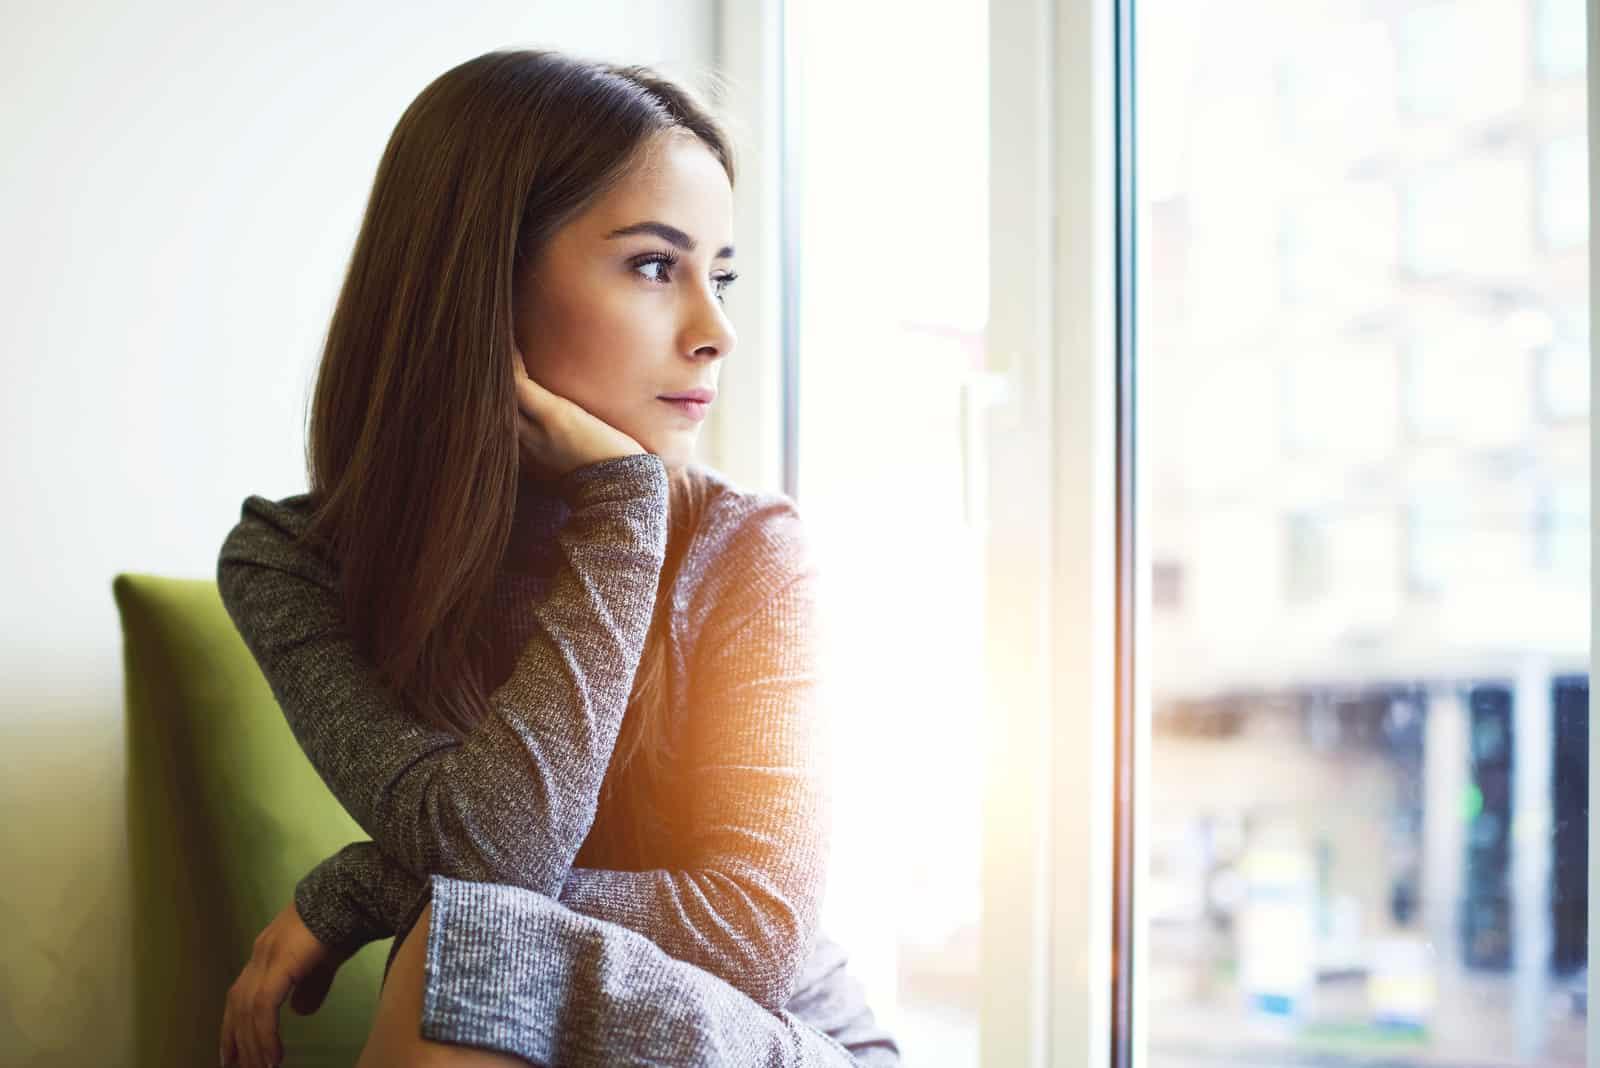 Porträt der achtsamen attraktiven jungen Frau